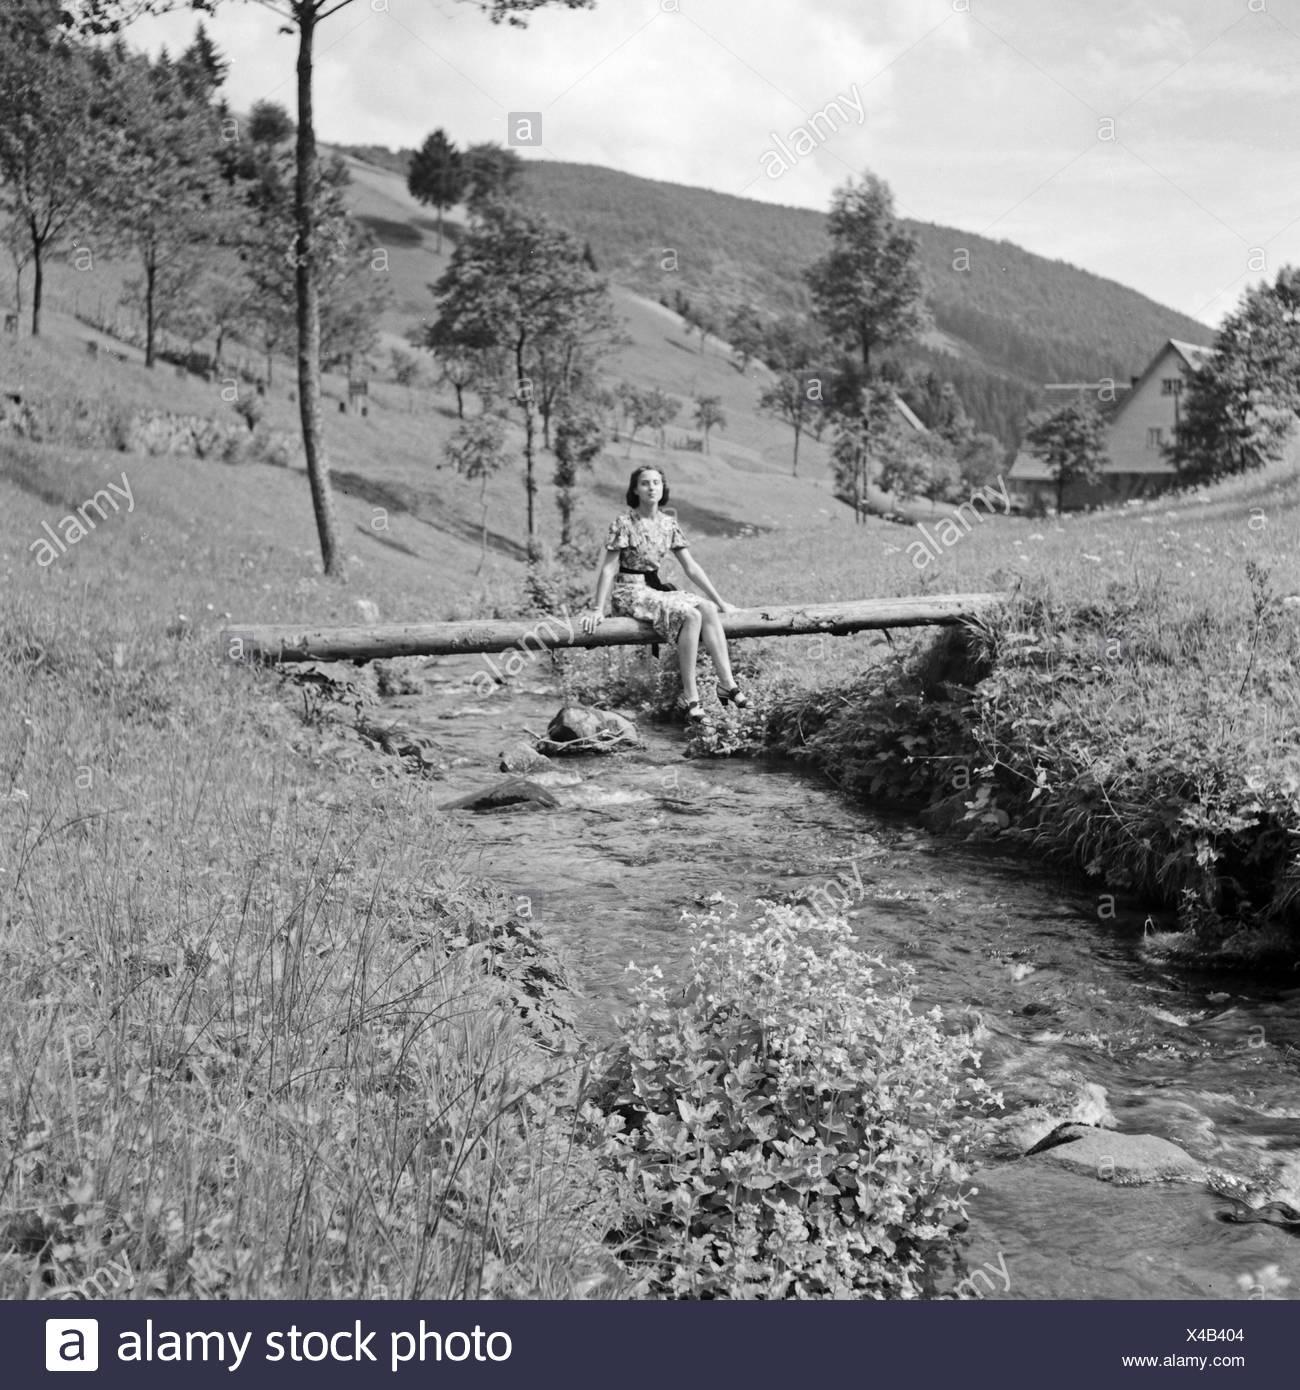 Eine junge Frau überquert einen Bach im Schwarzwald, Deutschland 1930er Jahre. A young woman crossing a creek in the Black Forest area, Germany 1930s. Stock Photo